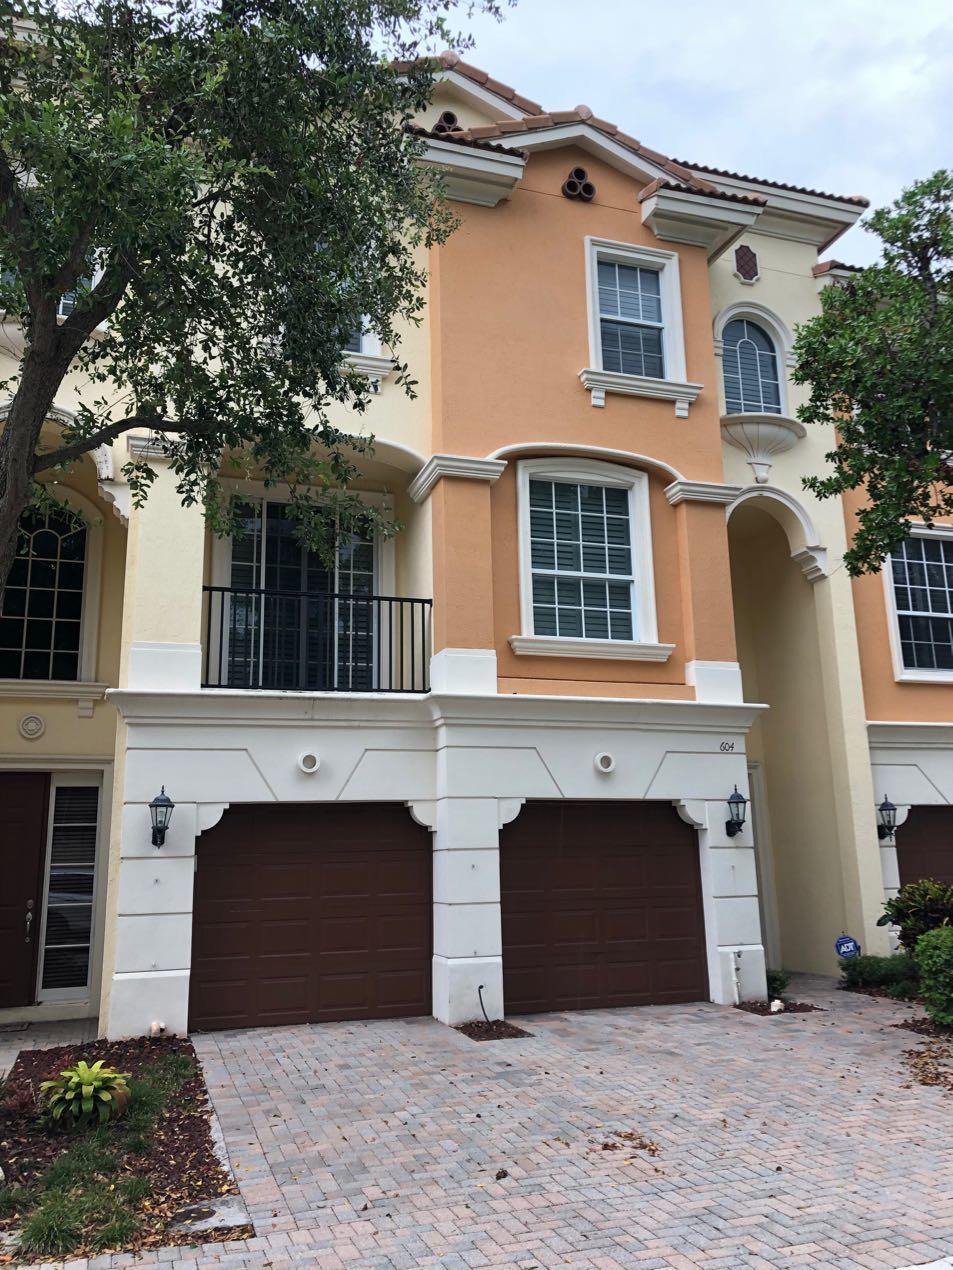 604 NE Venezia Lane Boca Raton, FL 33487